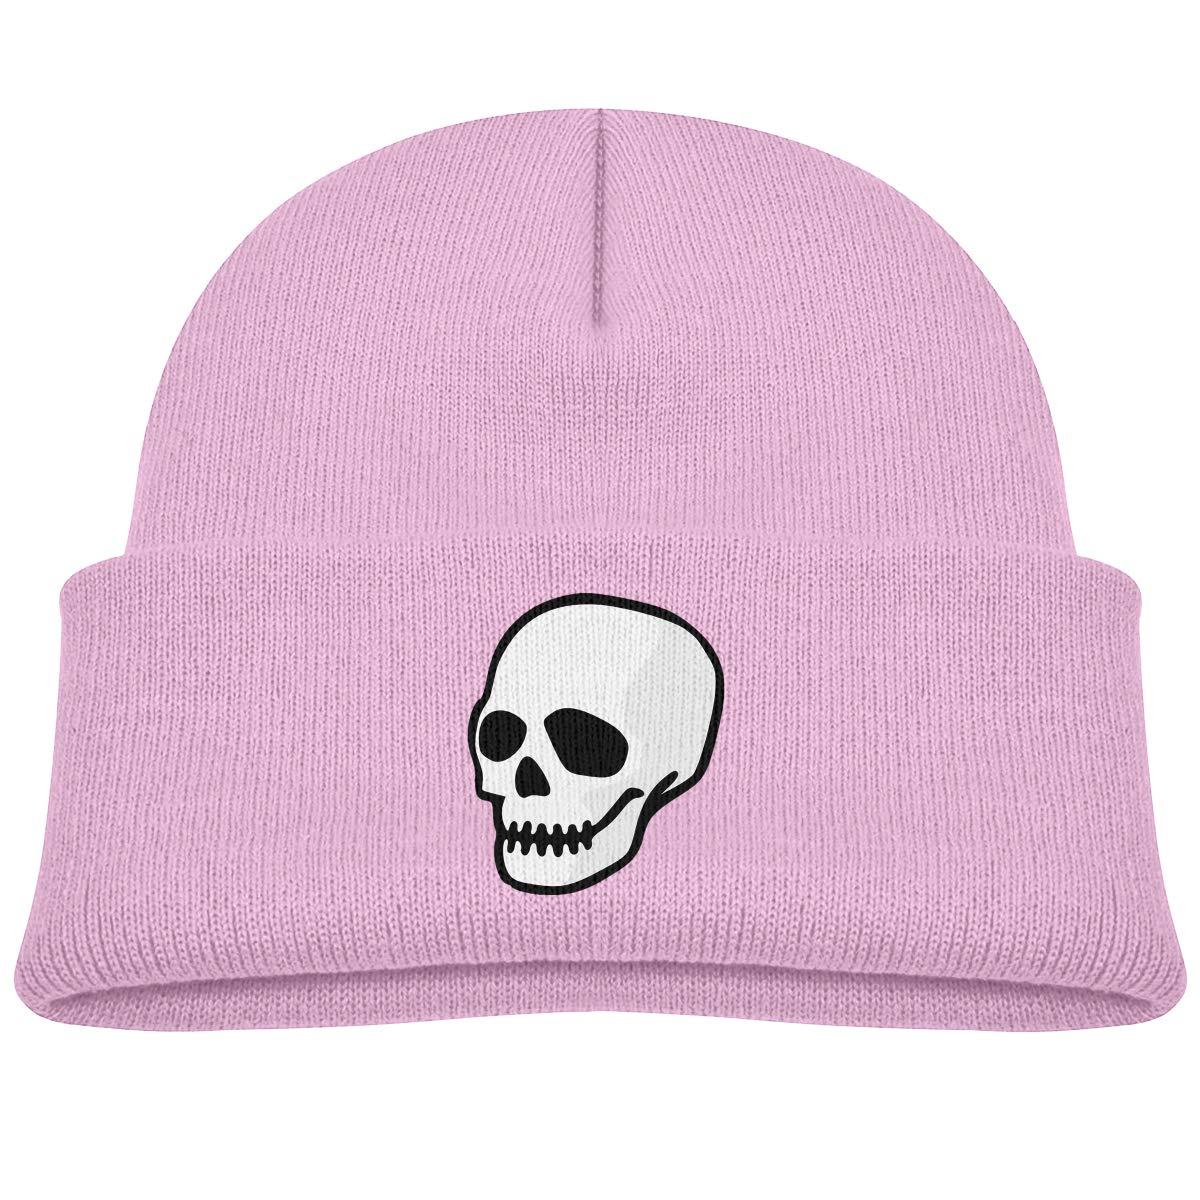 Infant Toddler Baby Kids Knitted Beanies Hat Sugar Skull Winter Hat Knitted Skull Cap for Boys Girls Gray